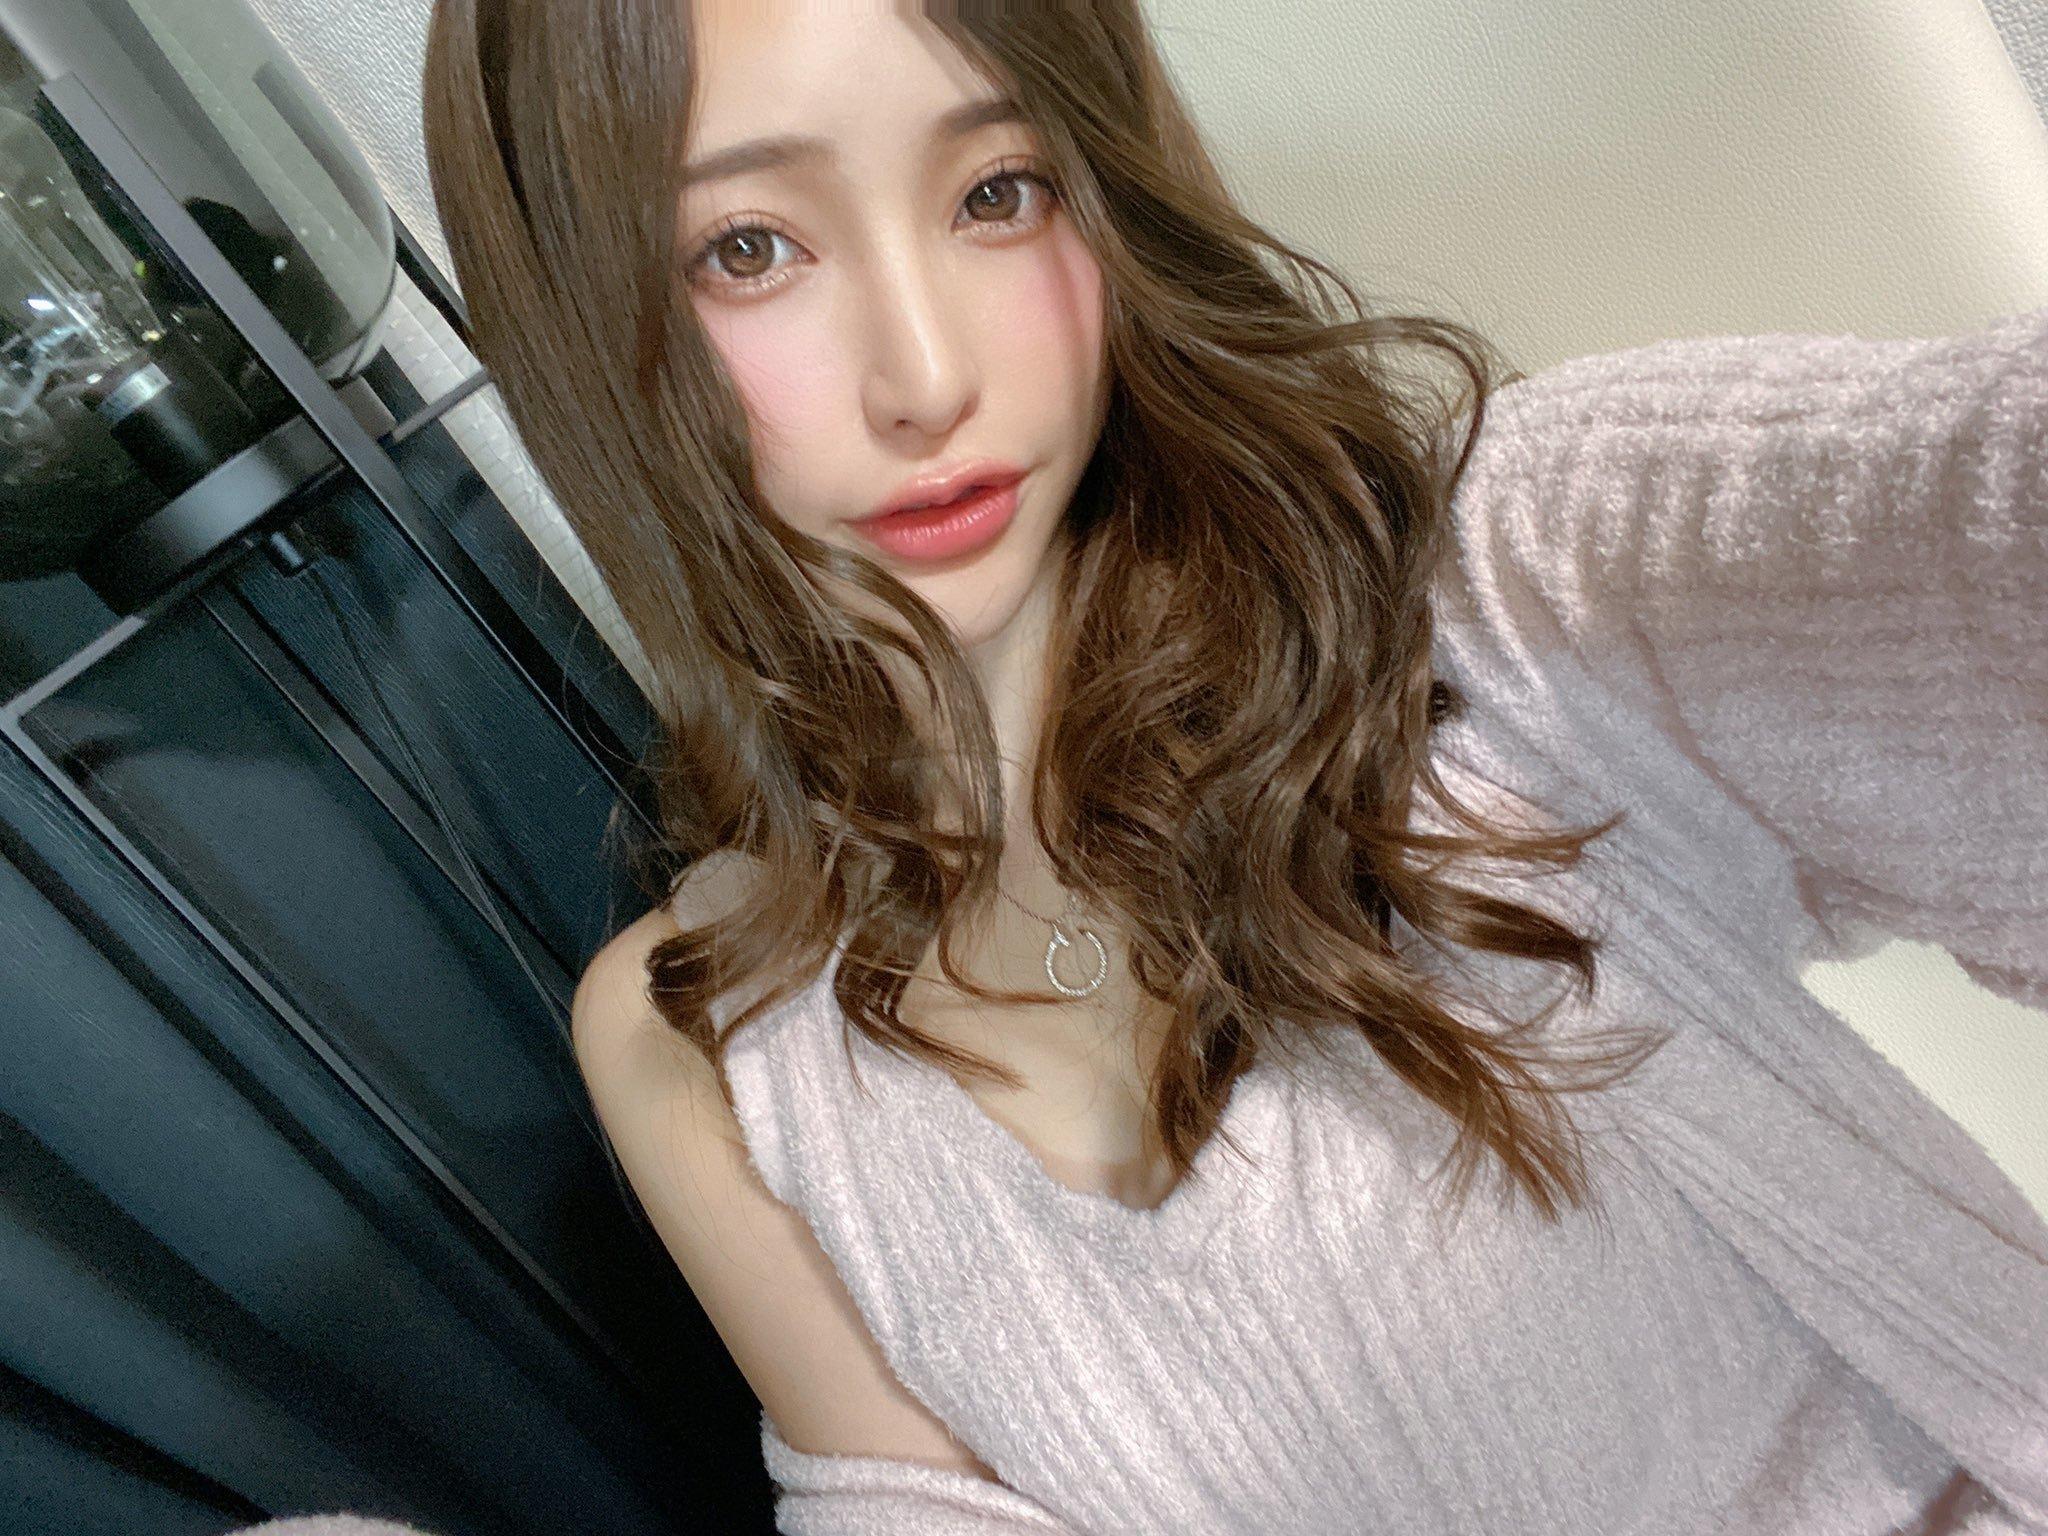 内衣写真 No.5